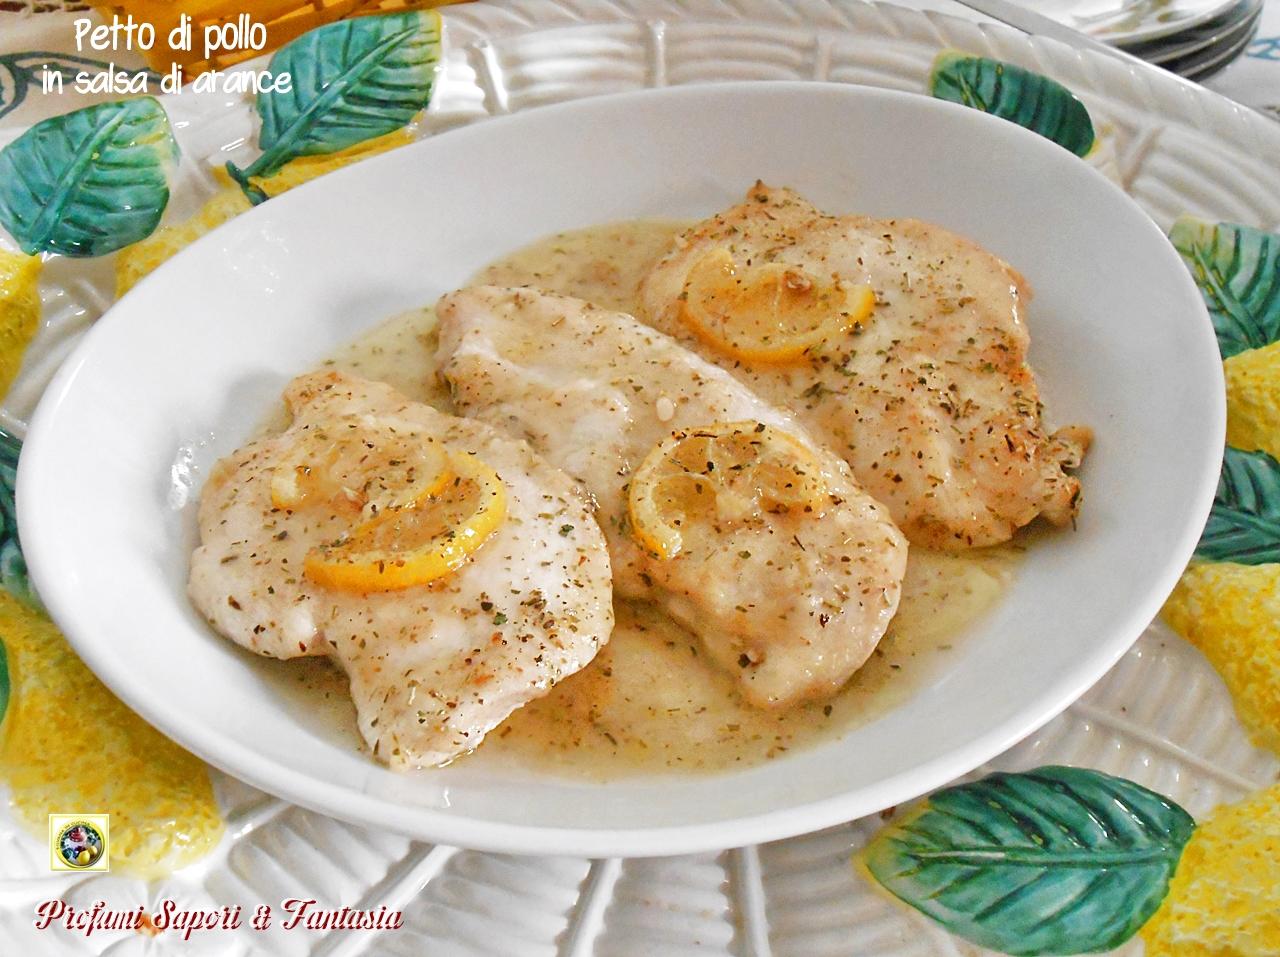 petto di pollo in salsa di arance